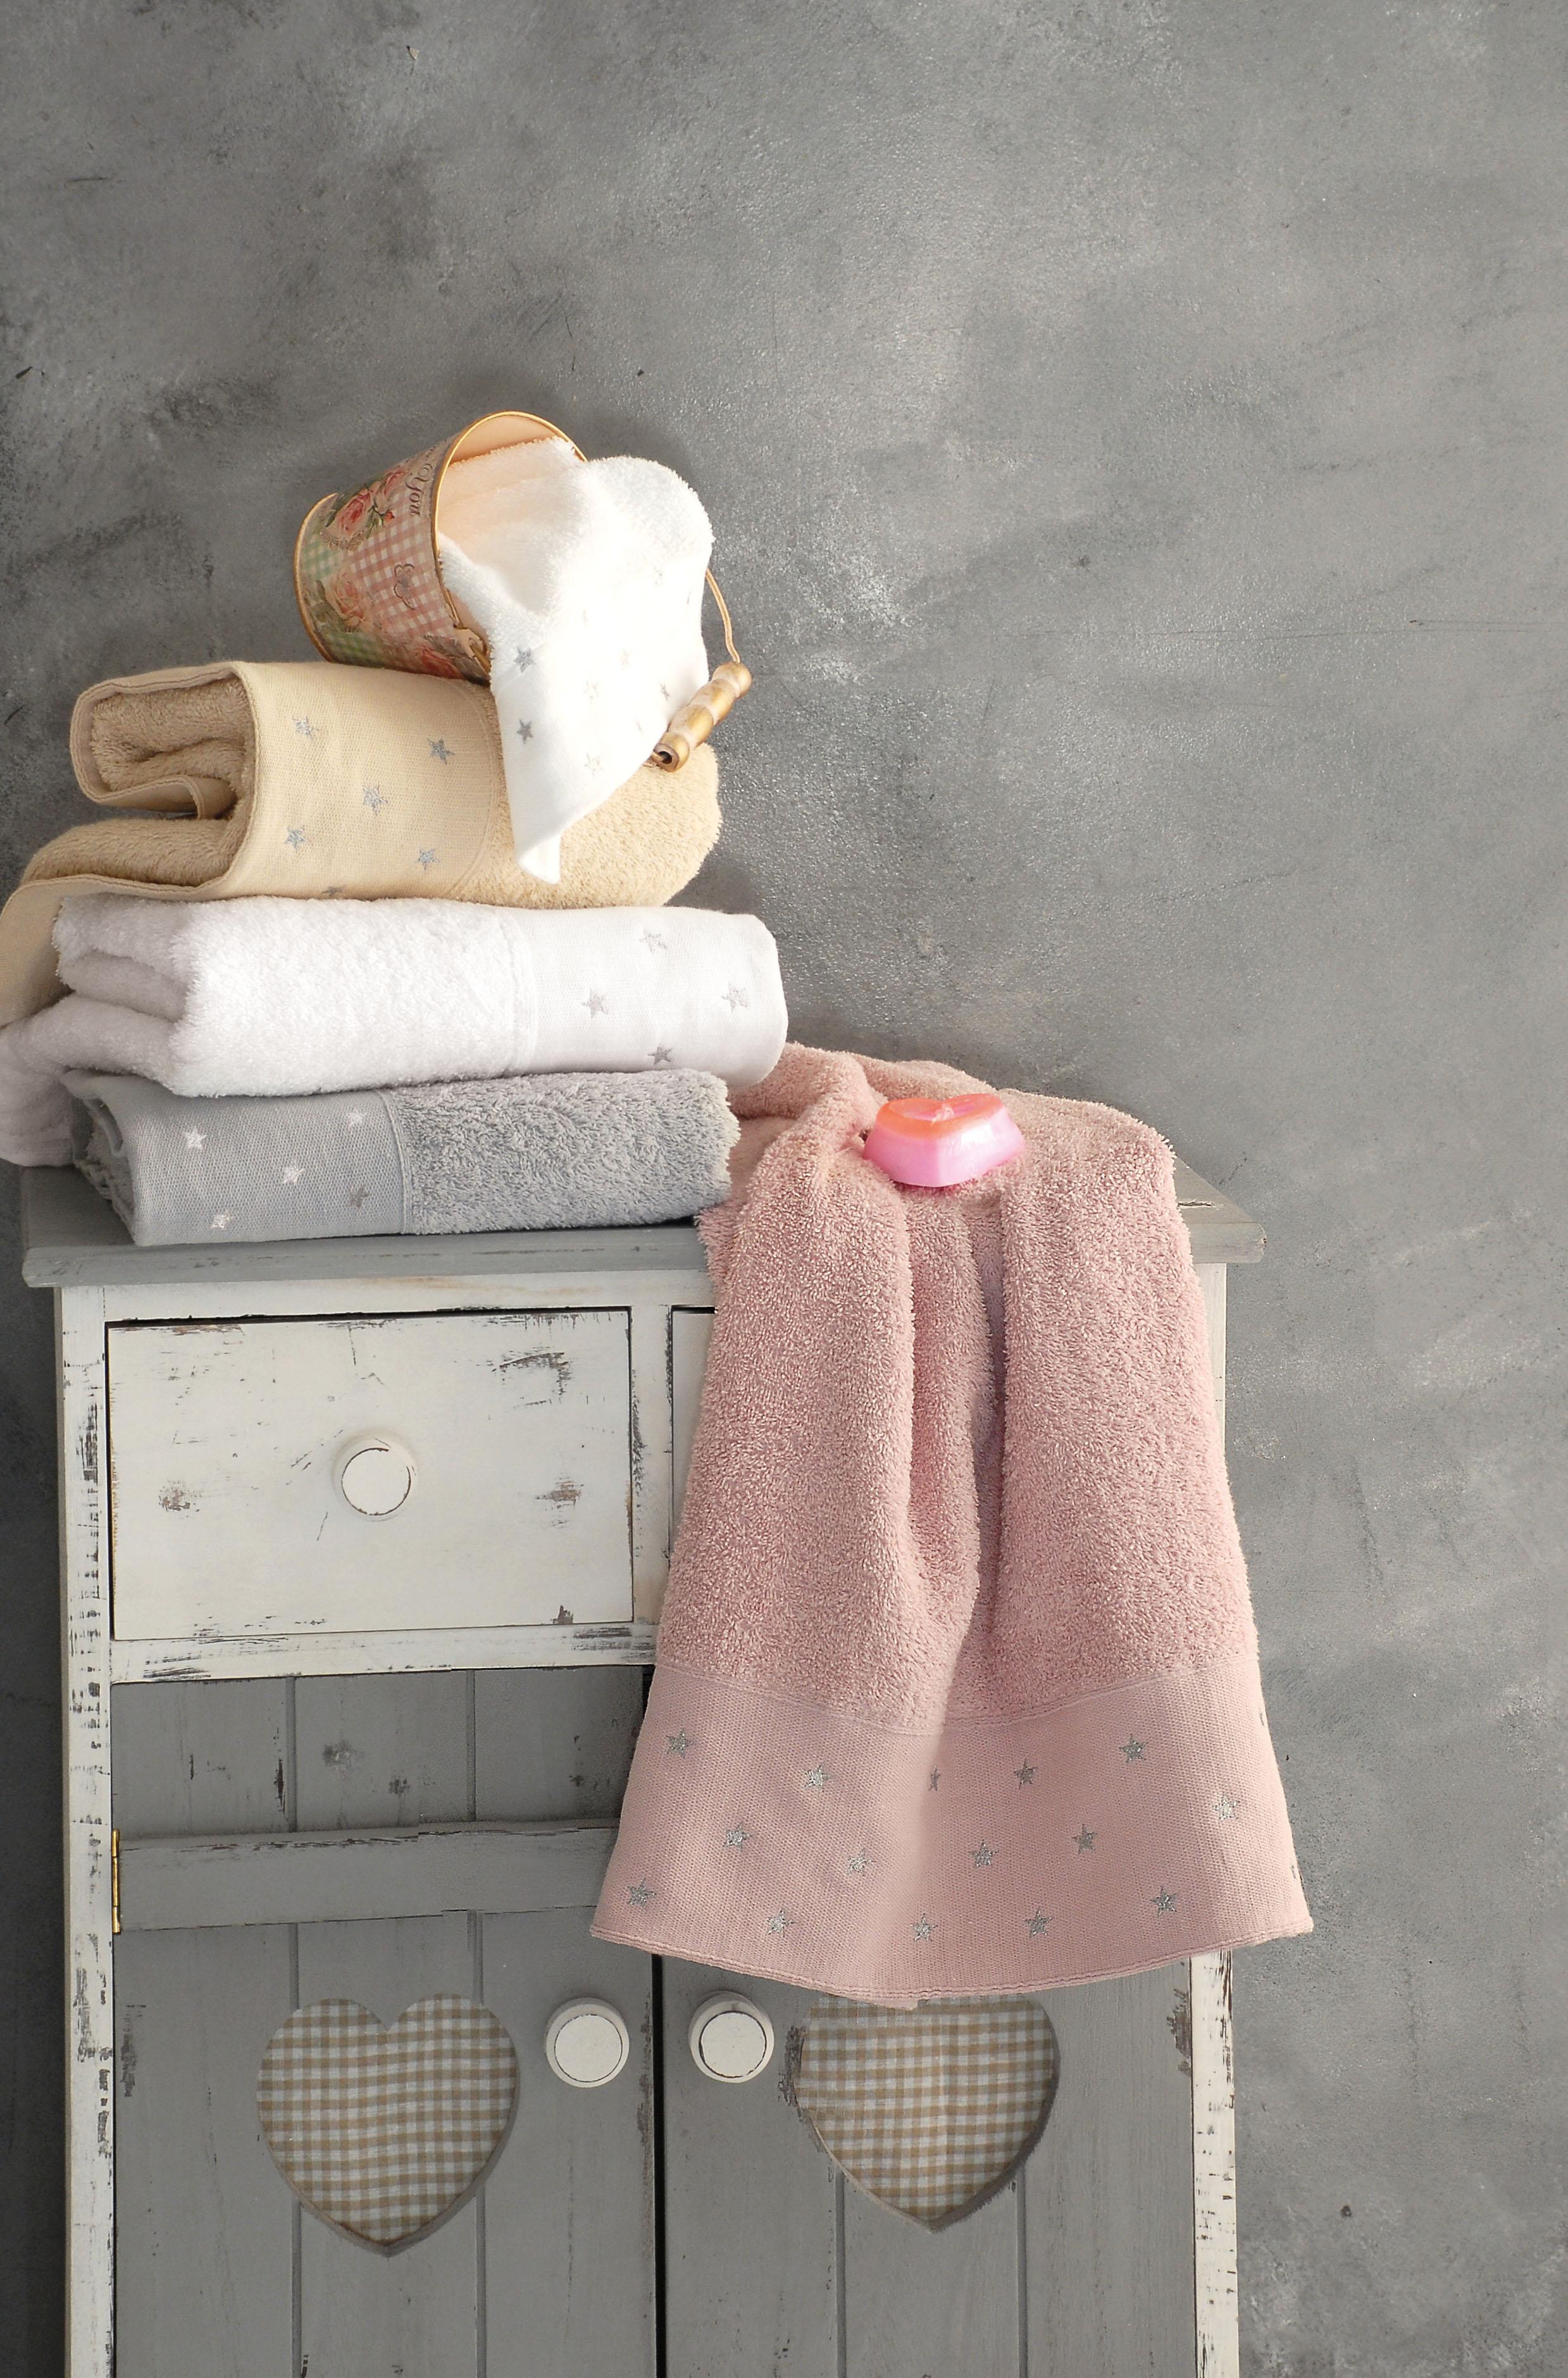 Σετ παιδικές πετσέτες 2 τεμ. STAR BEIGE, RYTHMOS HOME παιδικα   πετσέτες παιδικές